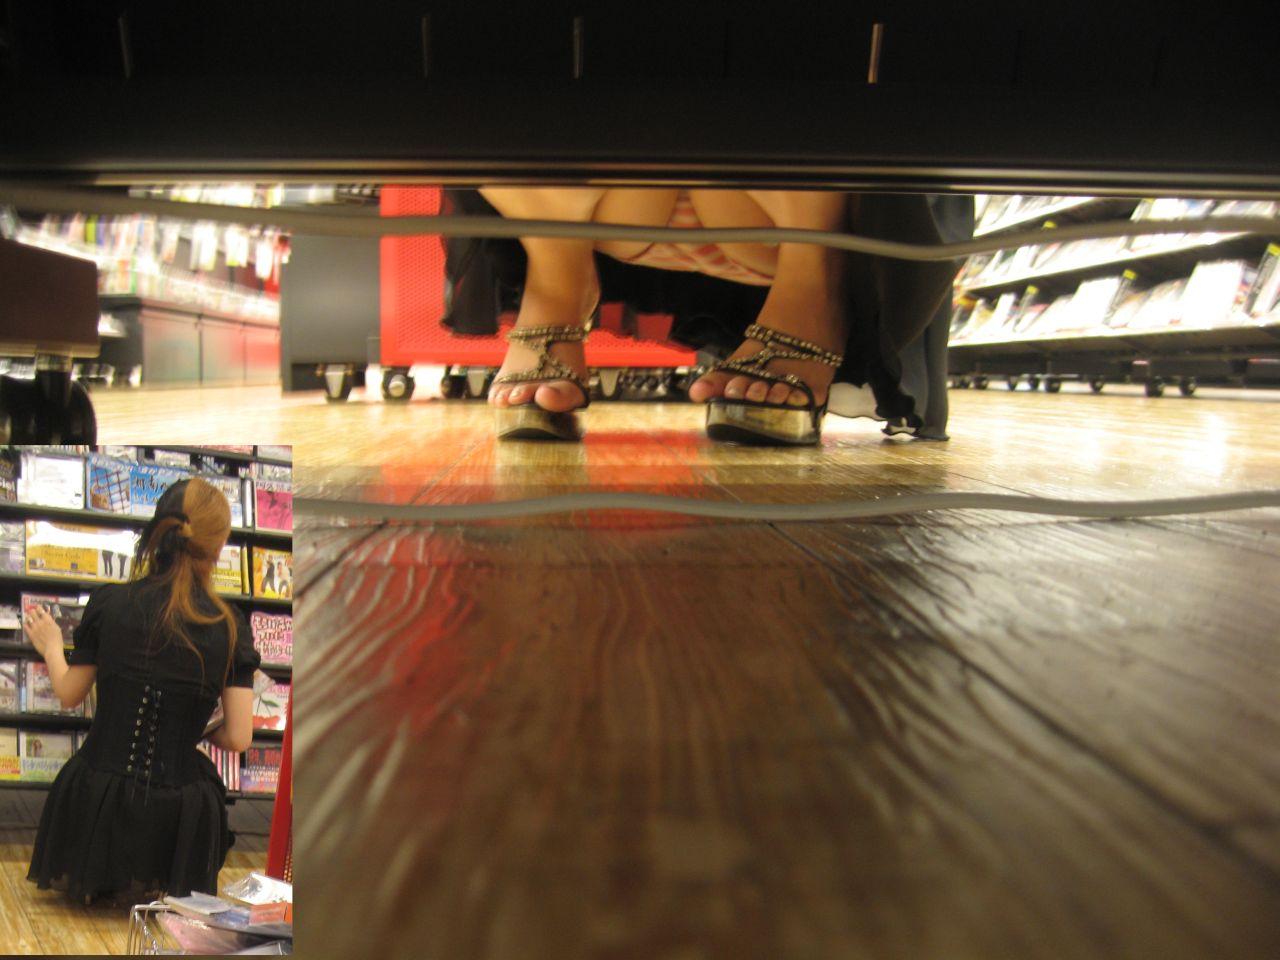 【パンチラエロ画像】お店の棚下から狙い撃つぜぇ!向こう側からミニスカチラwww 24